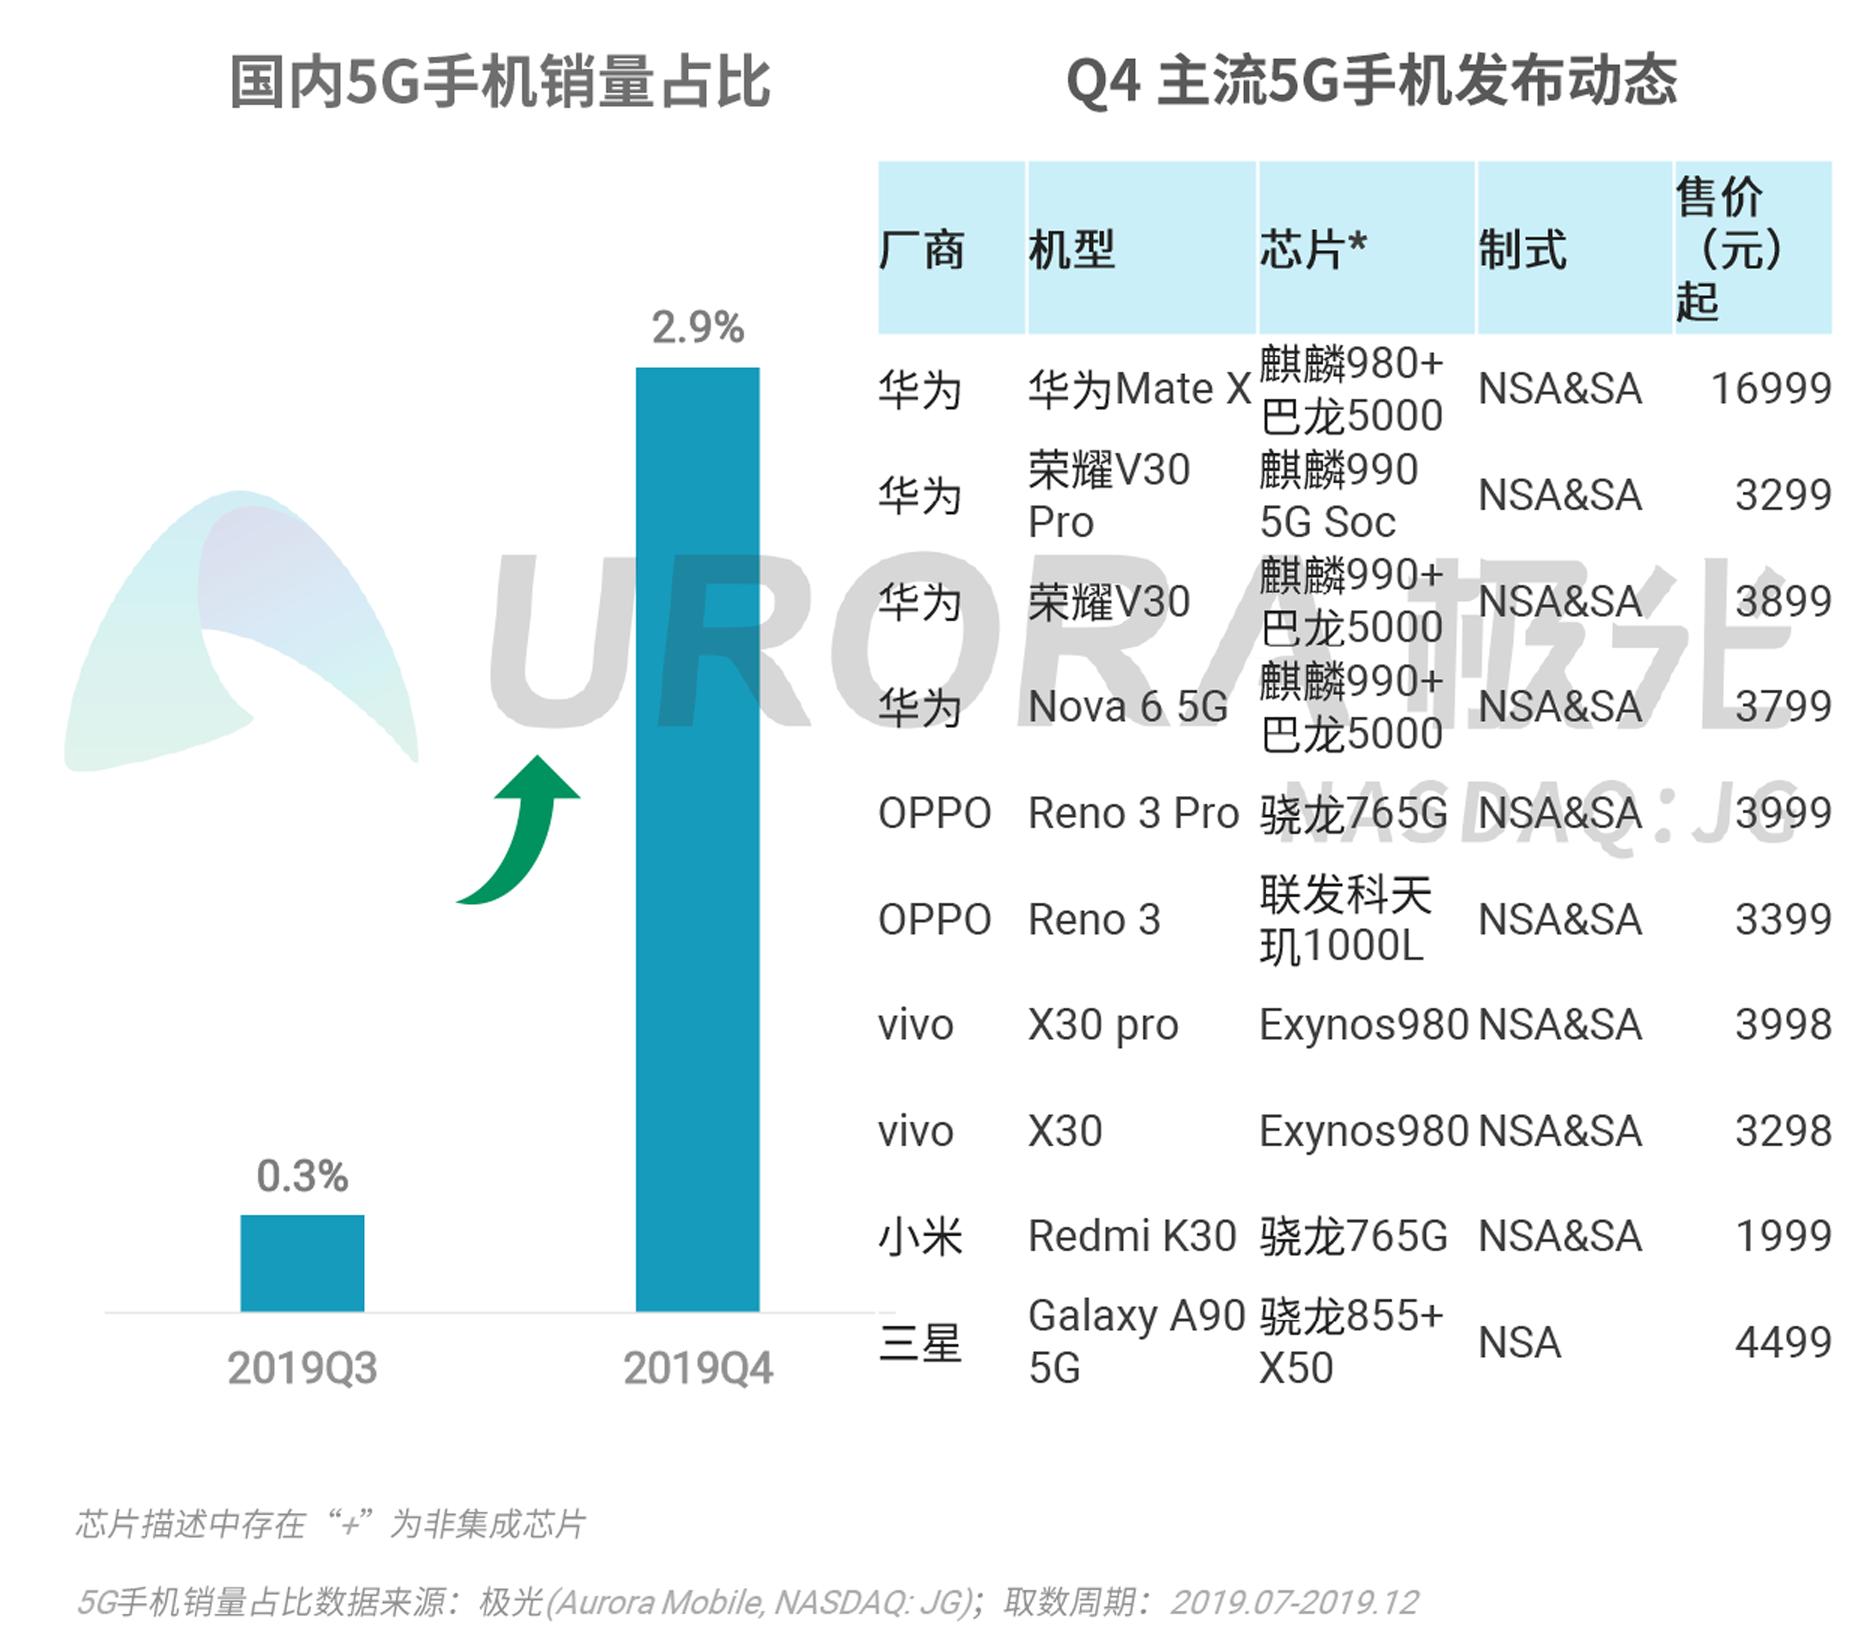 2019年Q4智能手机行业研究报告-V4---加粗版-9.png